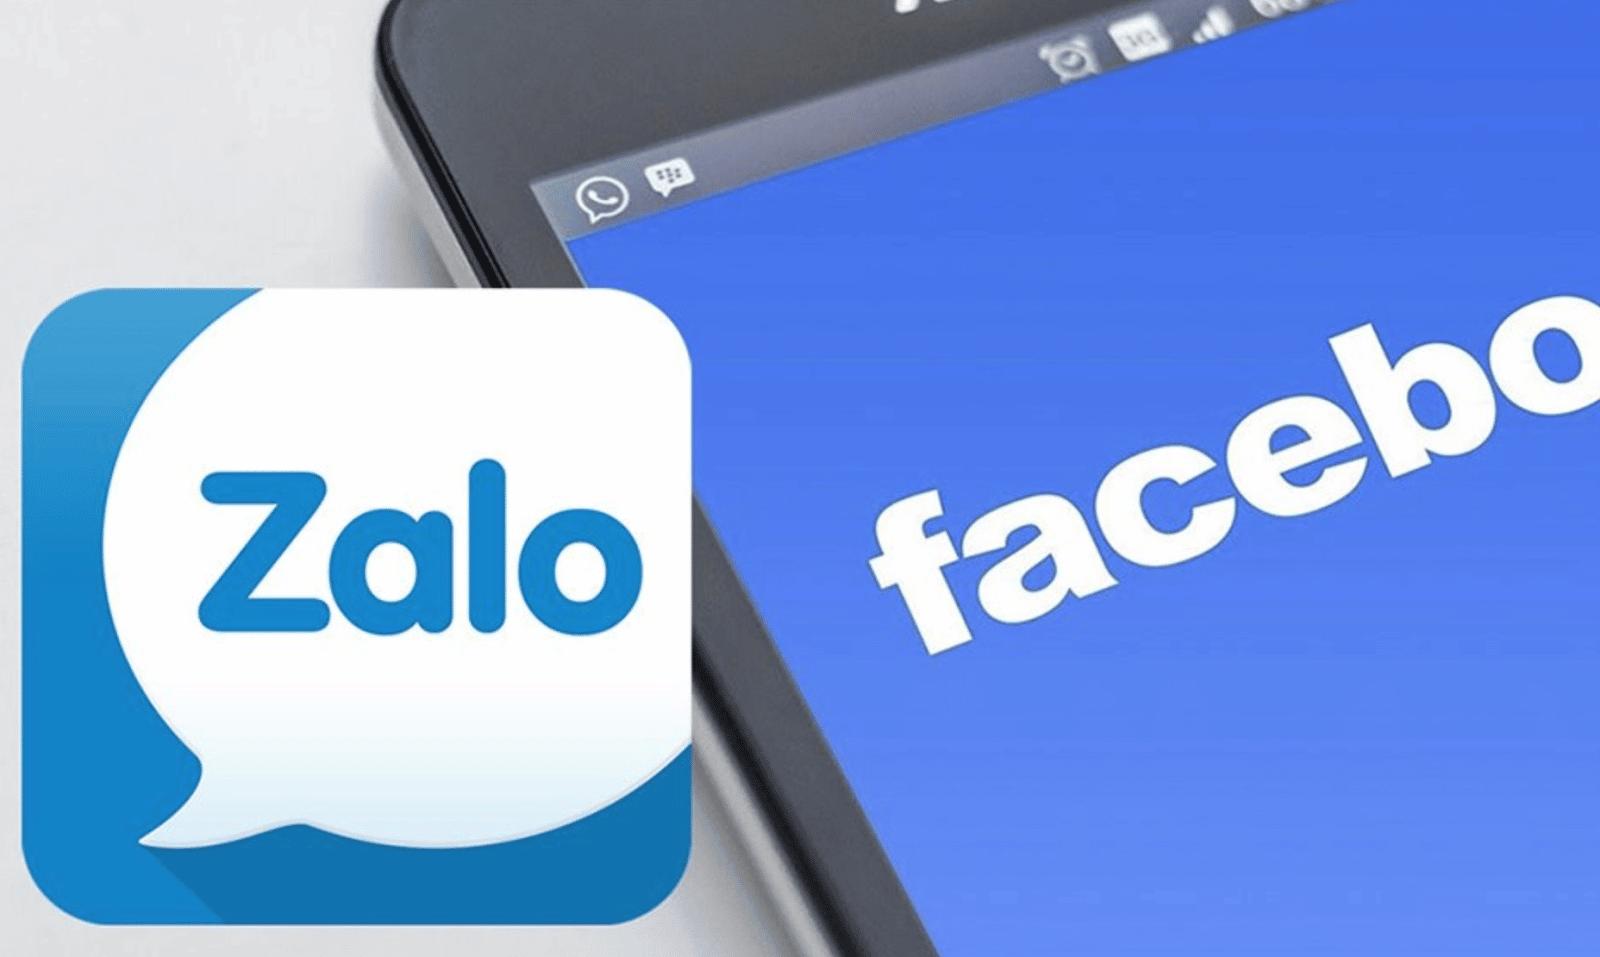 Liên kết zalo với facebook, Zalo ngày nay là một trong các ứng dụng chat, nhắn tin và gọi clip phổ biển nhất ngày nay được nhiều người sử dụng để liên hệ với nhau.